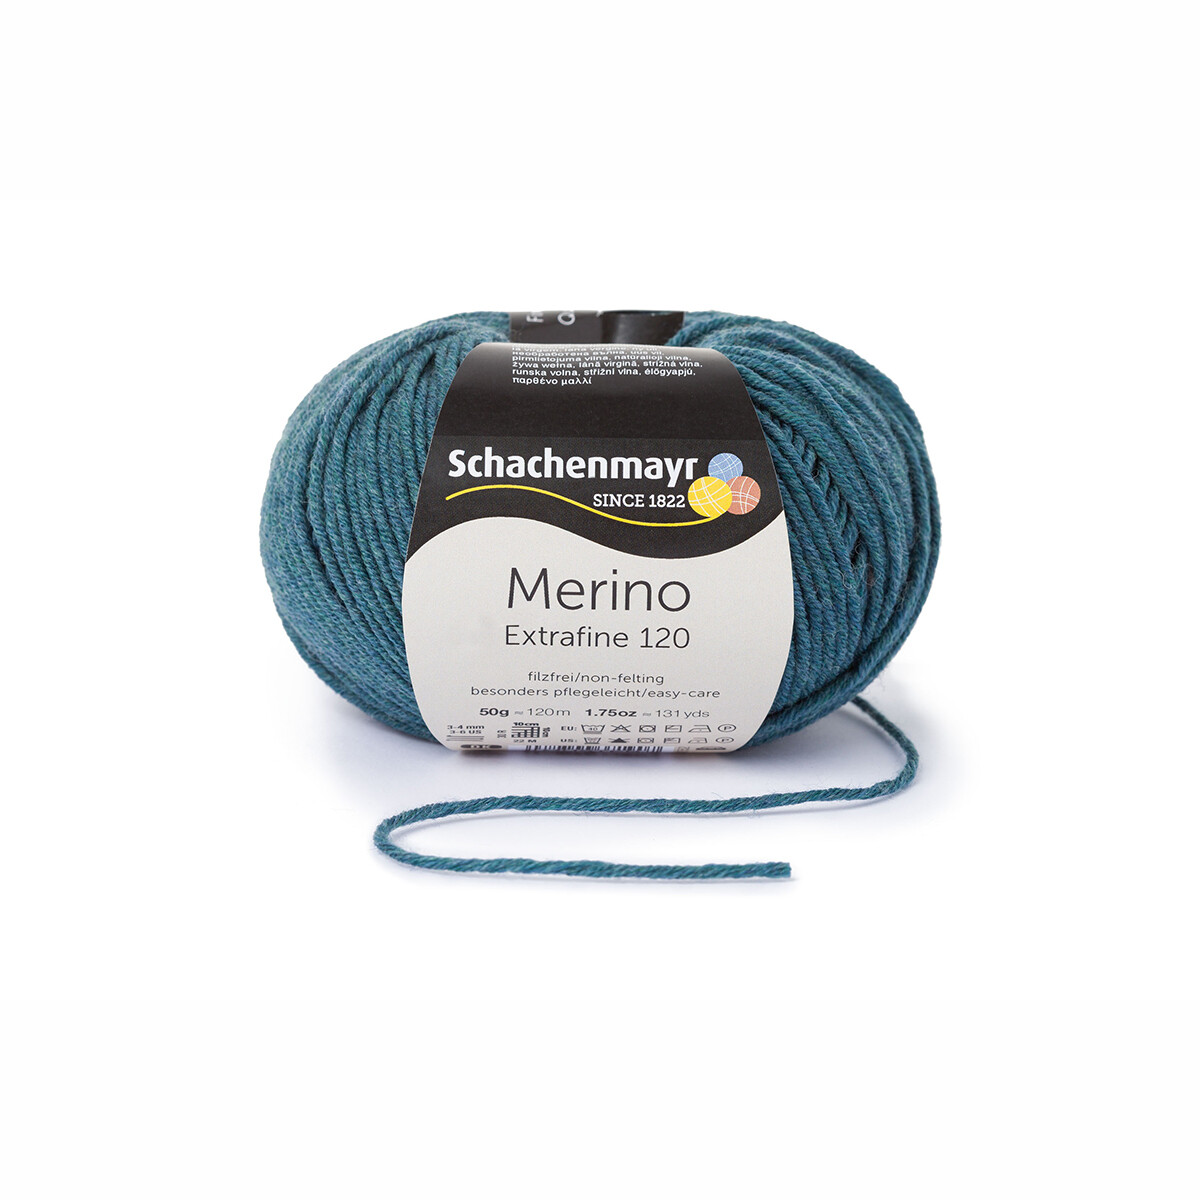 Merino Extra Fine 120